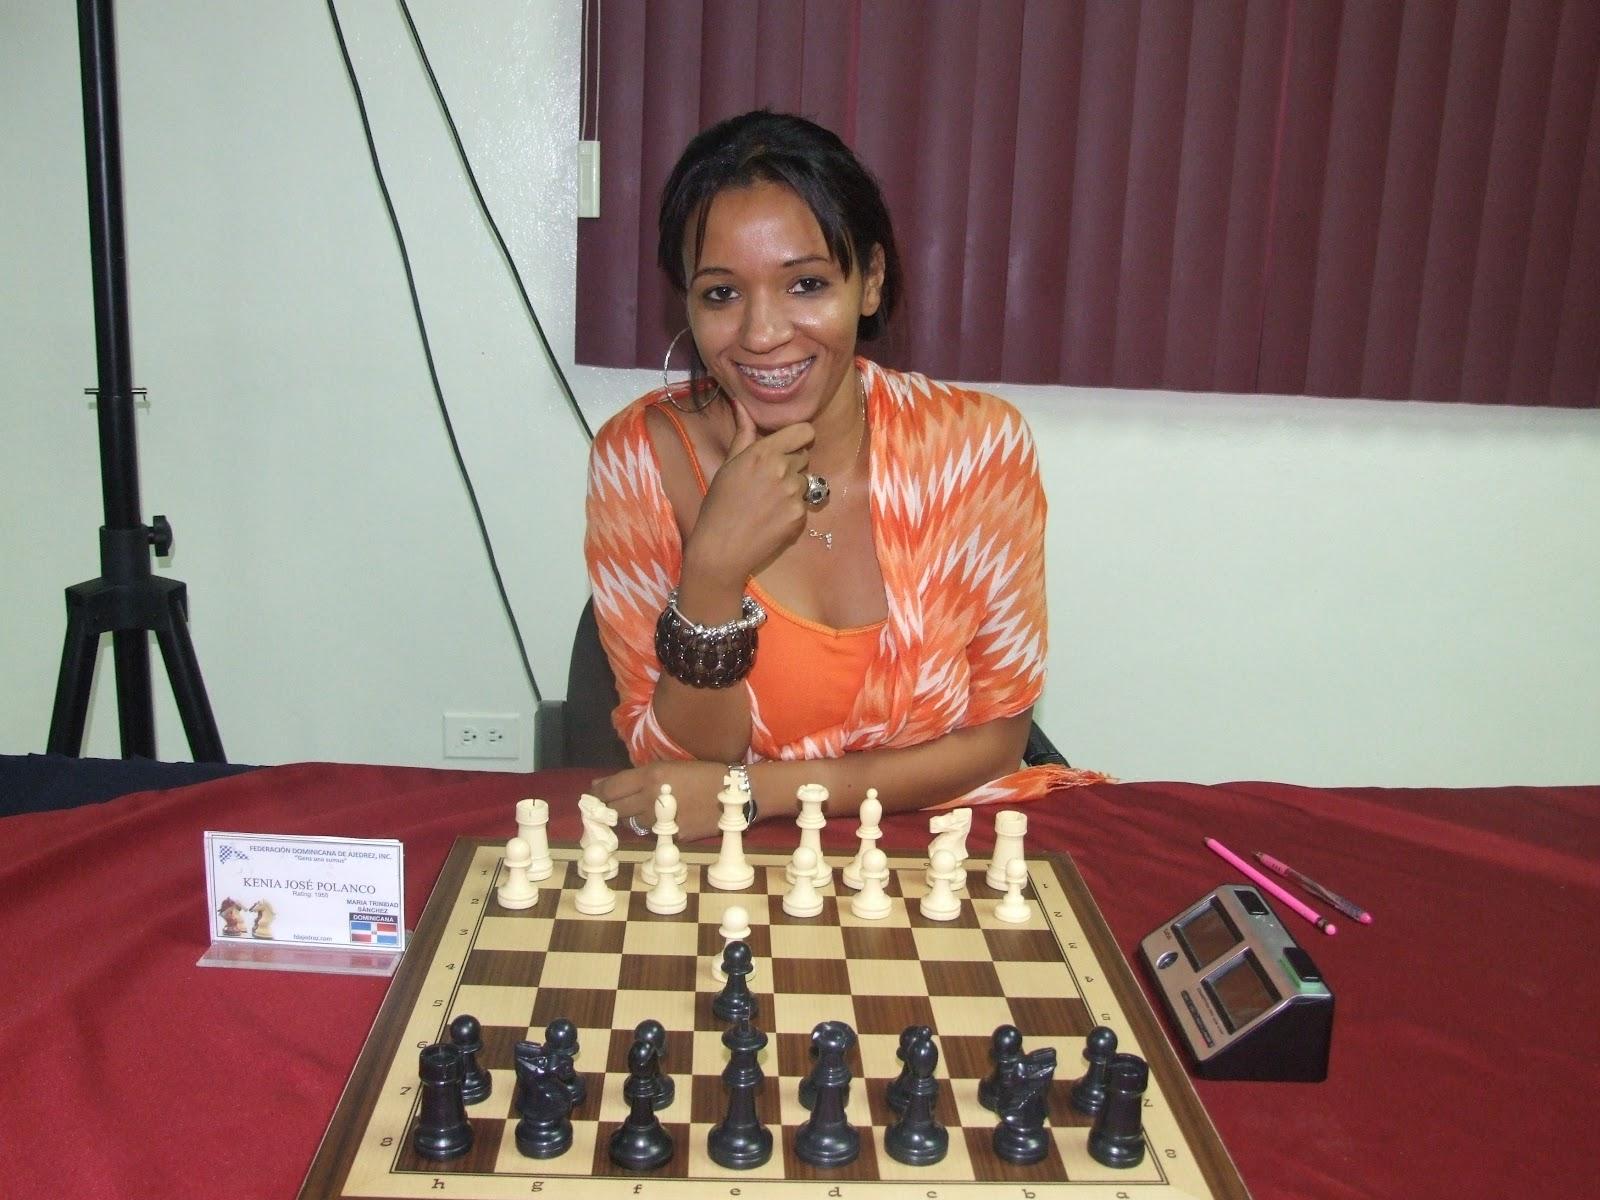 Quinta ronda Olimpiada de ajedrez Turquía 2012 partidas de la quinta ronda